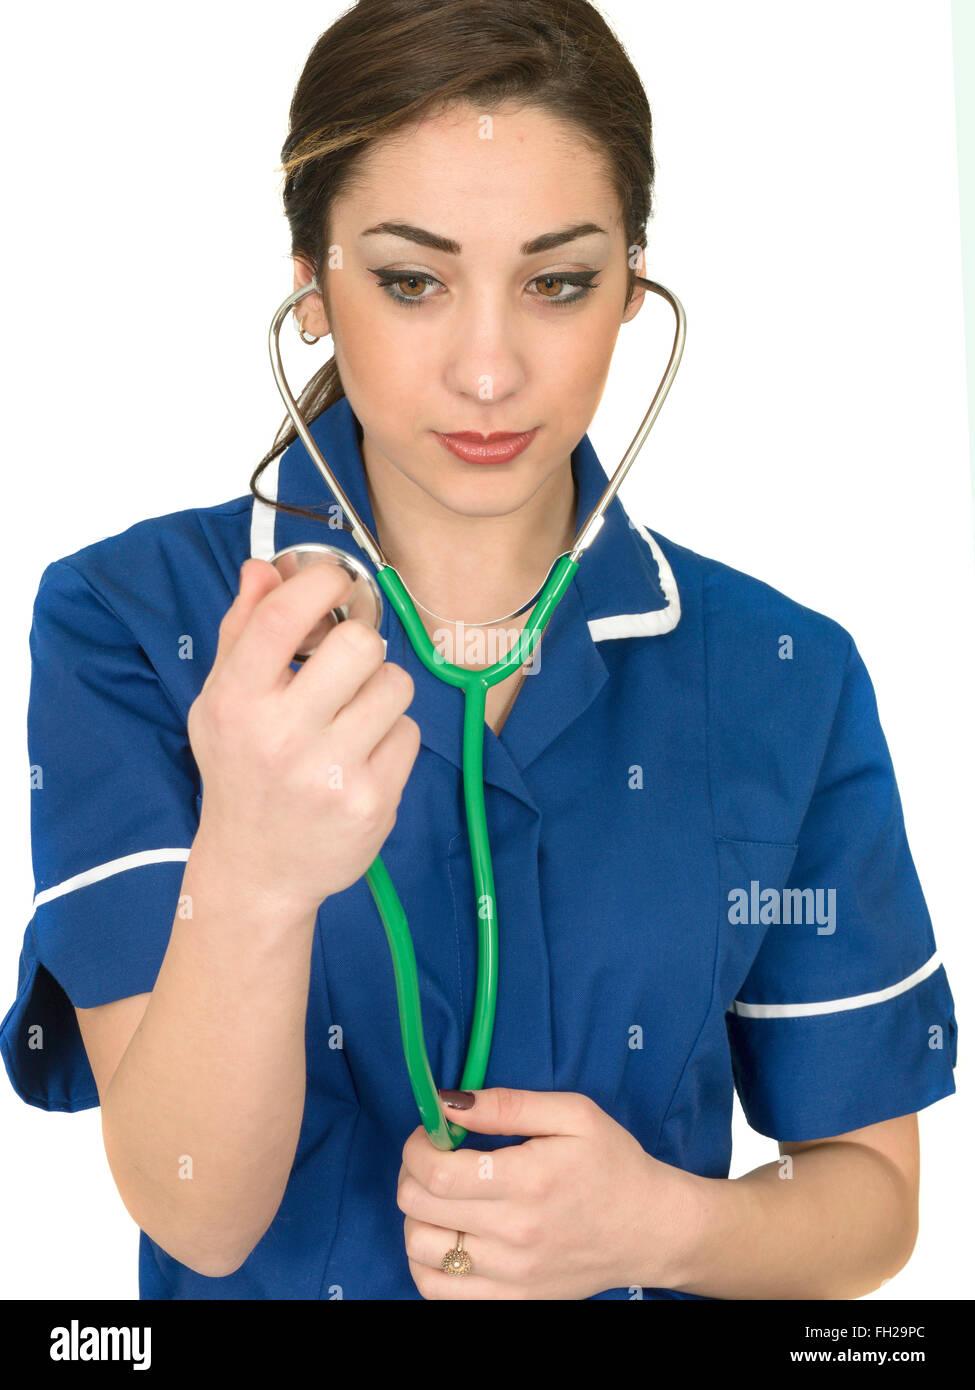 Junger Weiblicher Arzt Oder Arzt, Der Sich Mit Dem Coronavirus Oder Der Covid-19-Pandemie Beschäftigt, Allein In Stockfoto